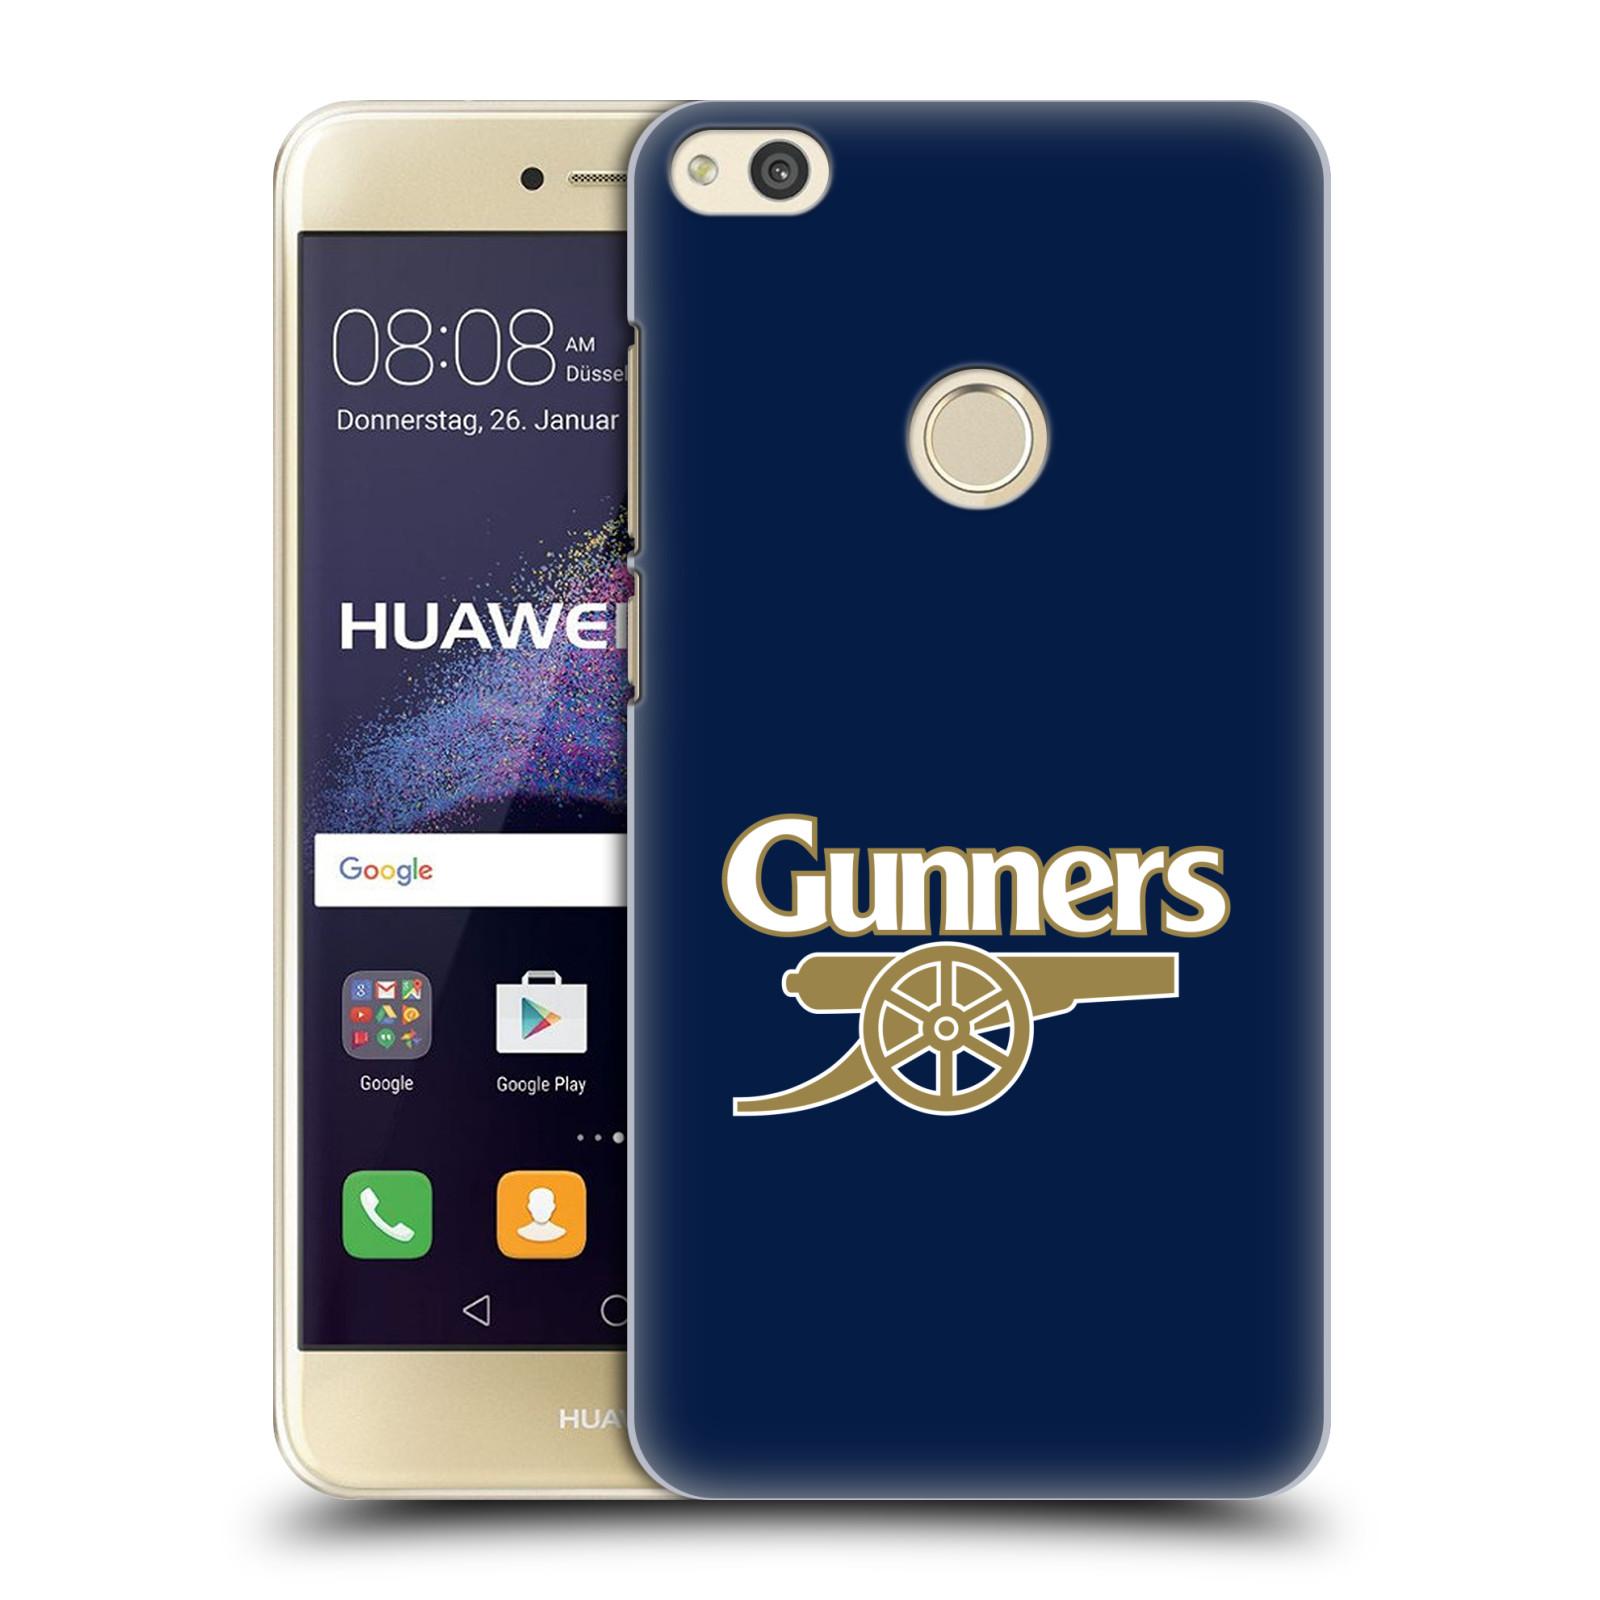 Plastové pouzdro na mobil Huawei P9 Lite (2017) - Head Case - Arsenal FC - Gunners